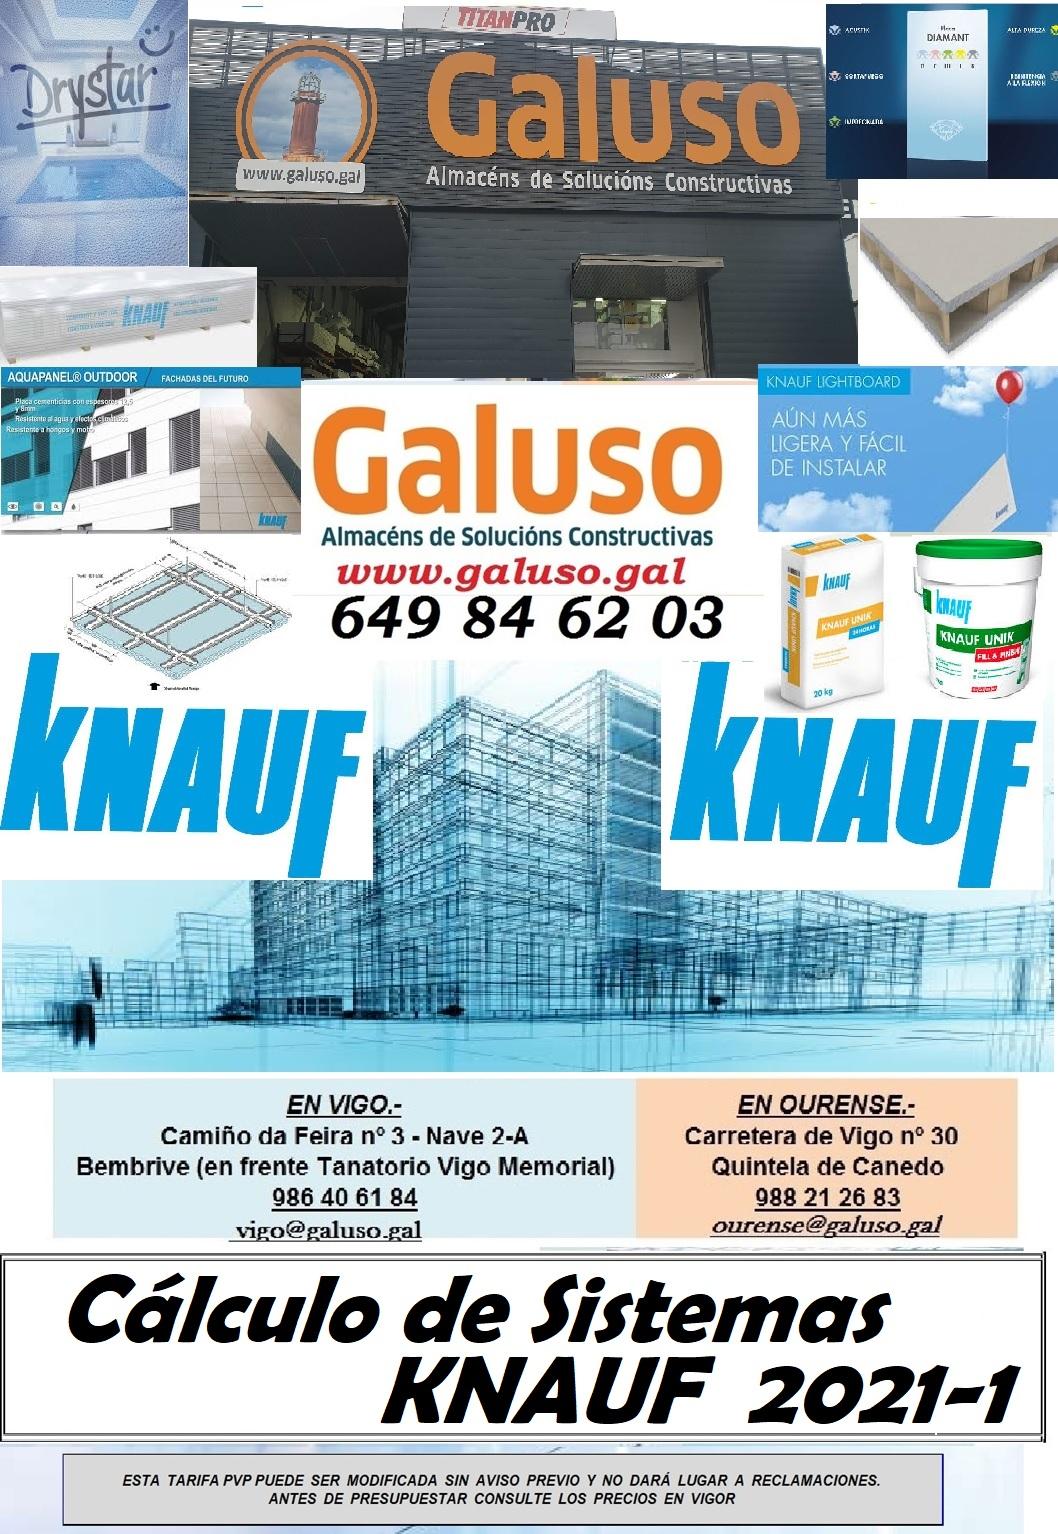 CALCULO SISTEMAS KNAUF 2021-1.jpg